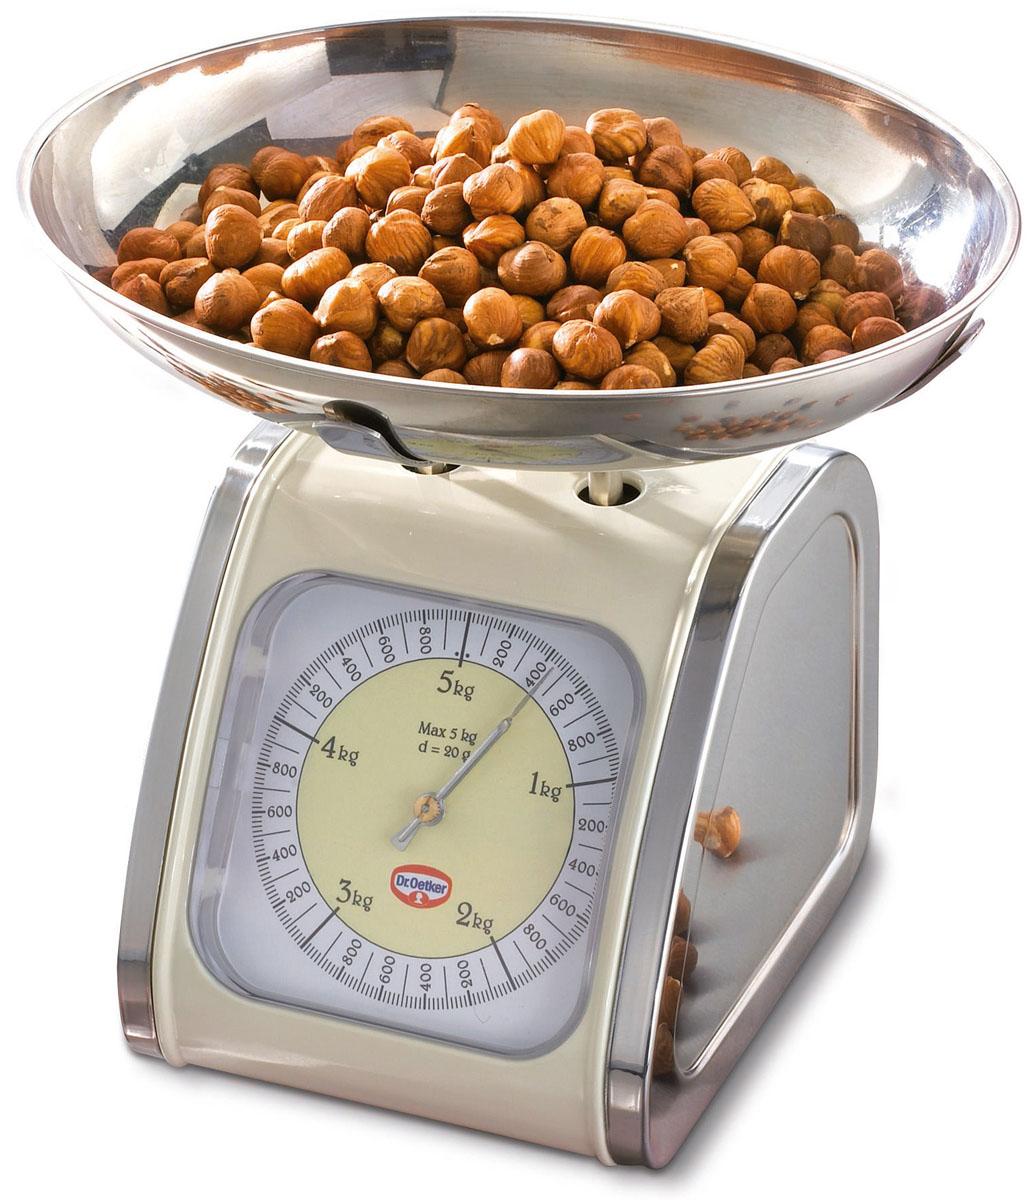 Весы кухонные Dr.Oetker  Ностальгия , до 5 кг - Кухонные весы